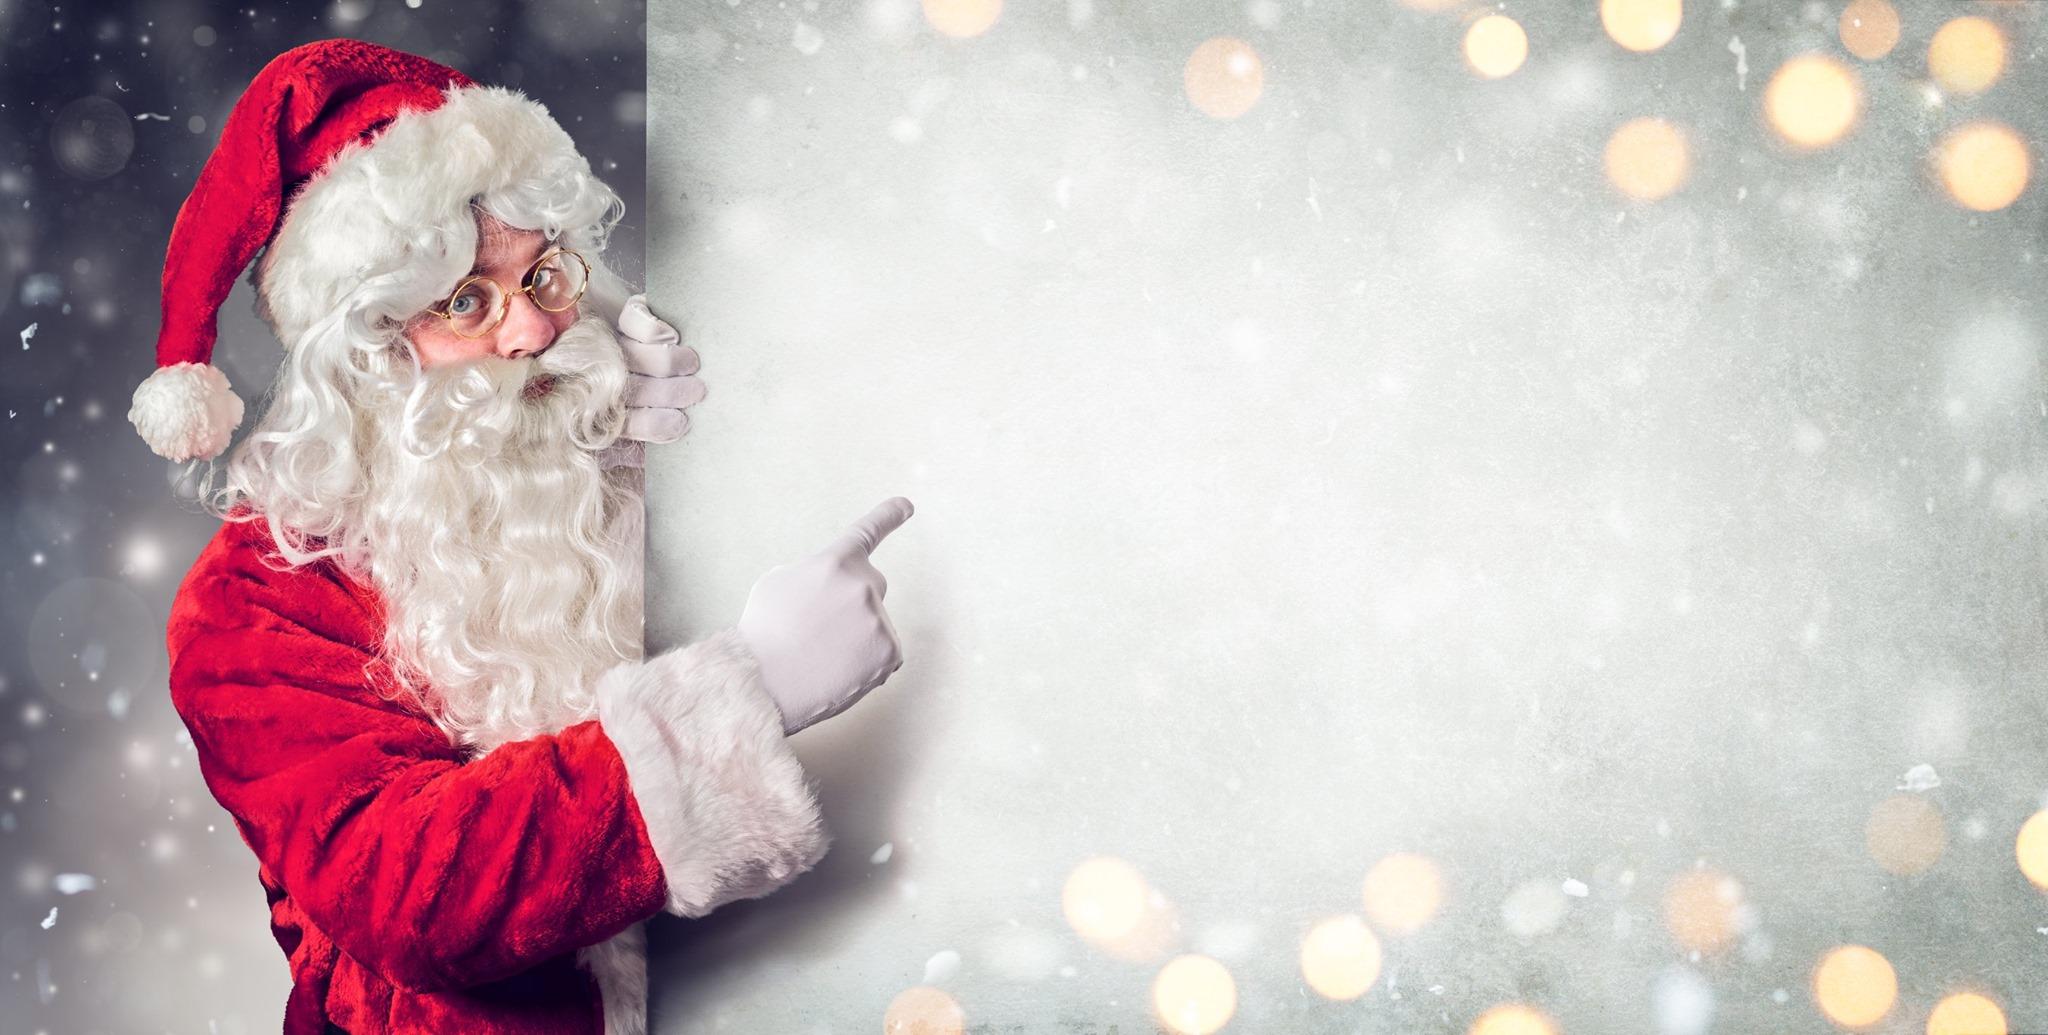 كفرات فيس بوك راس السنه و الكريسماس 4 غلاف فيس بوك رأس السنة و الكريسماس